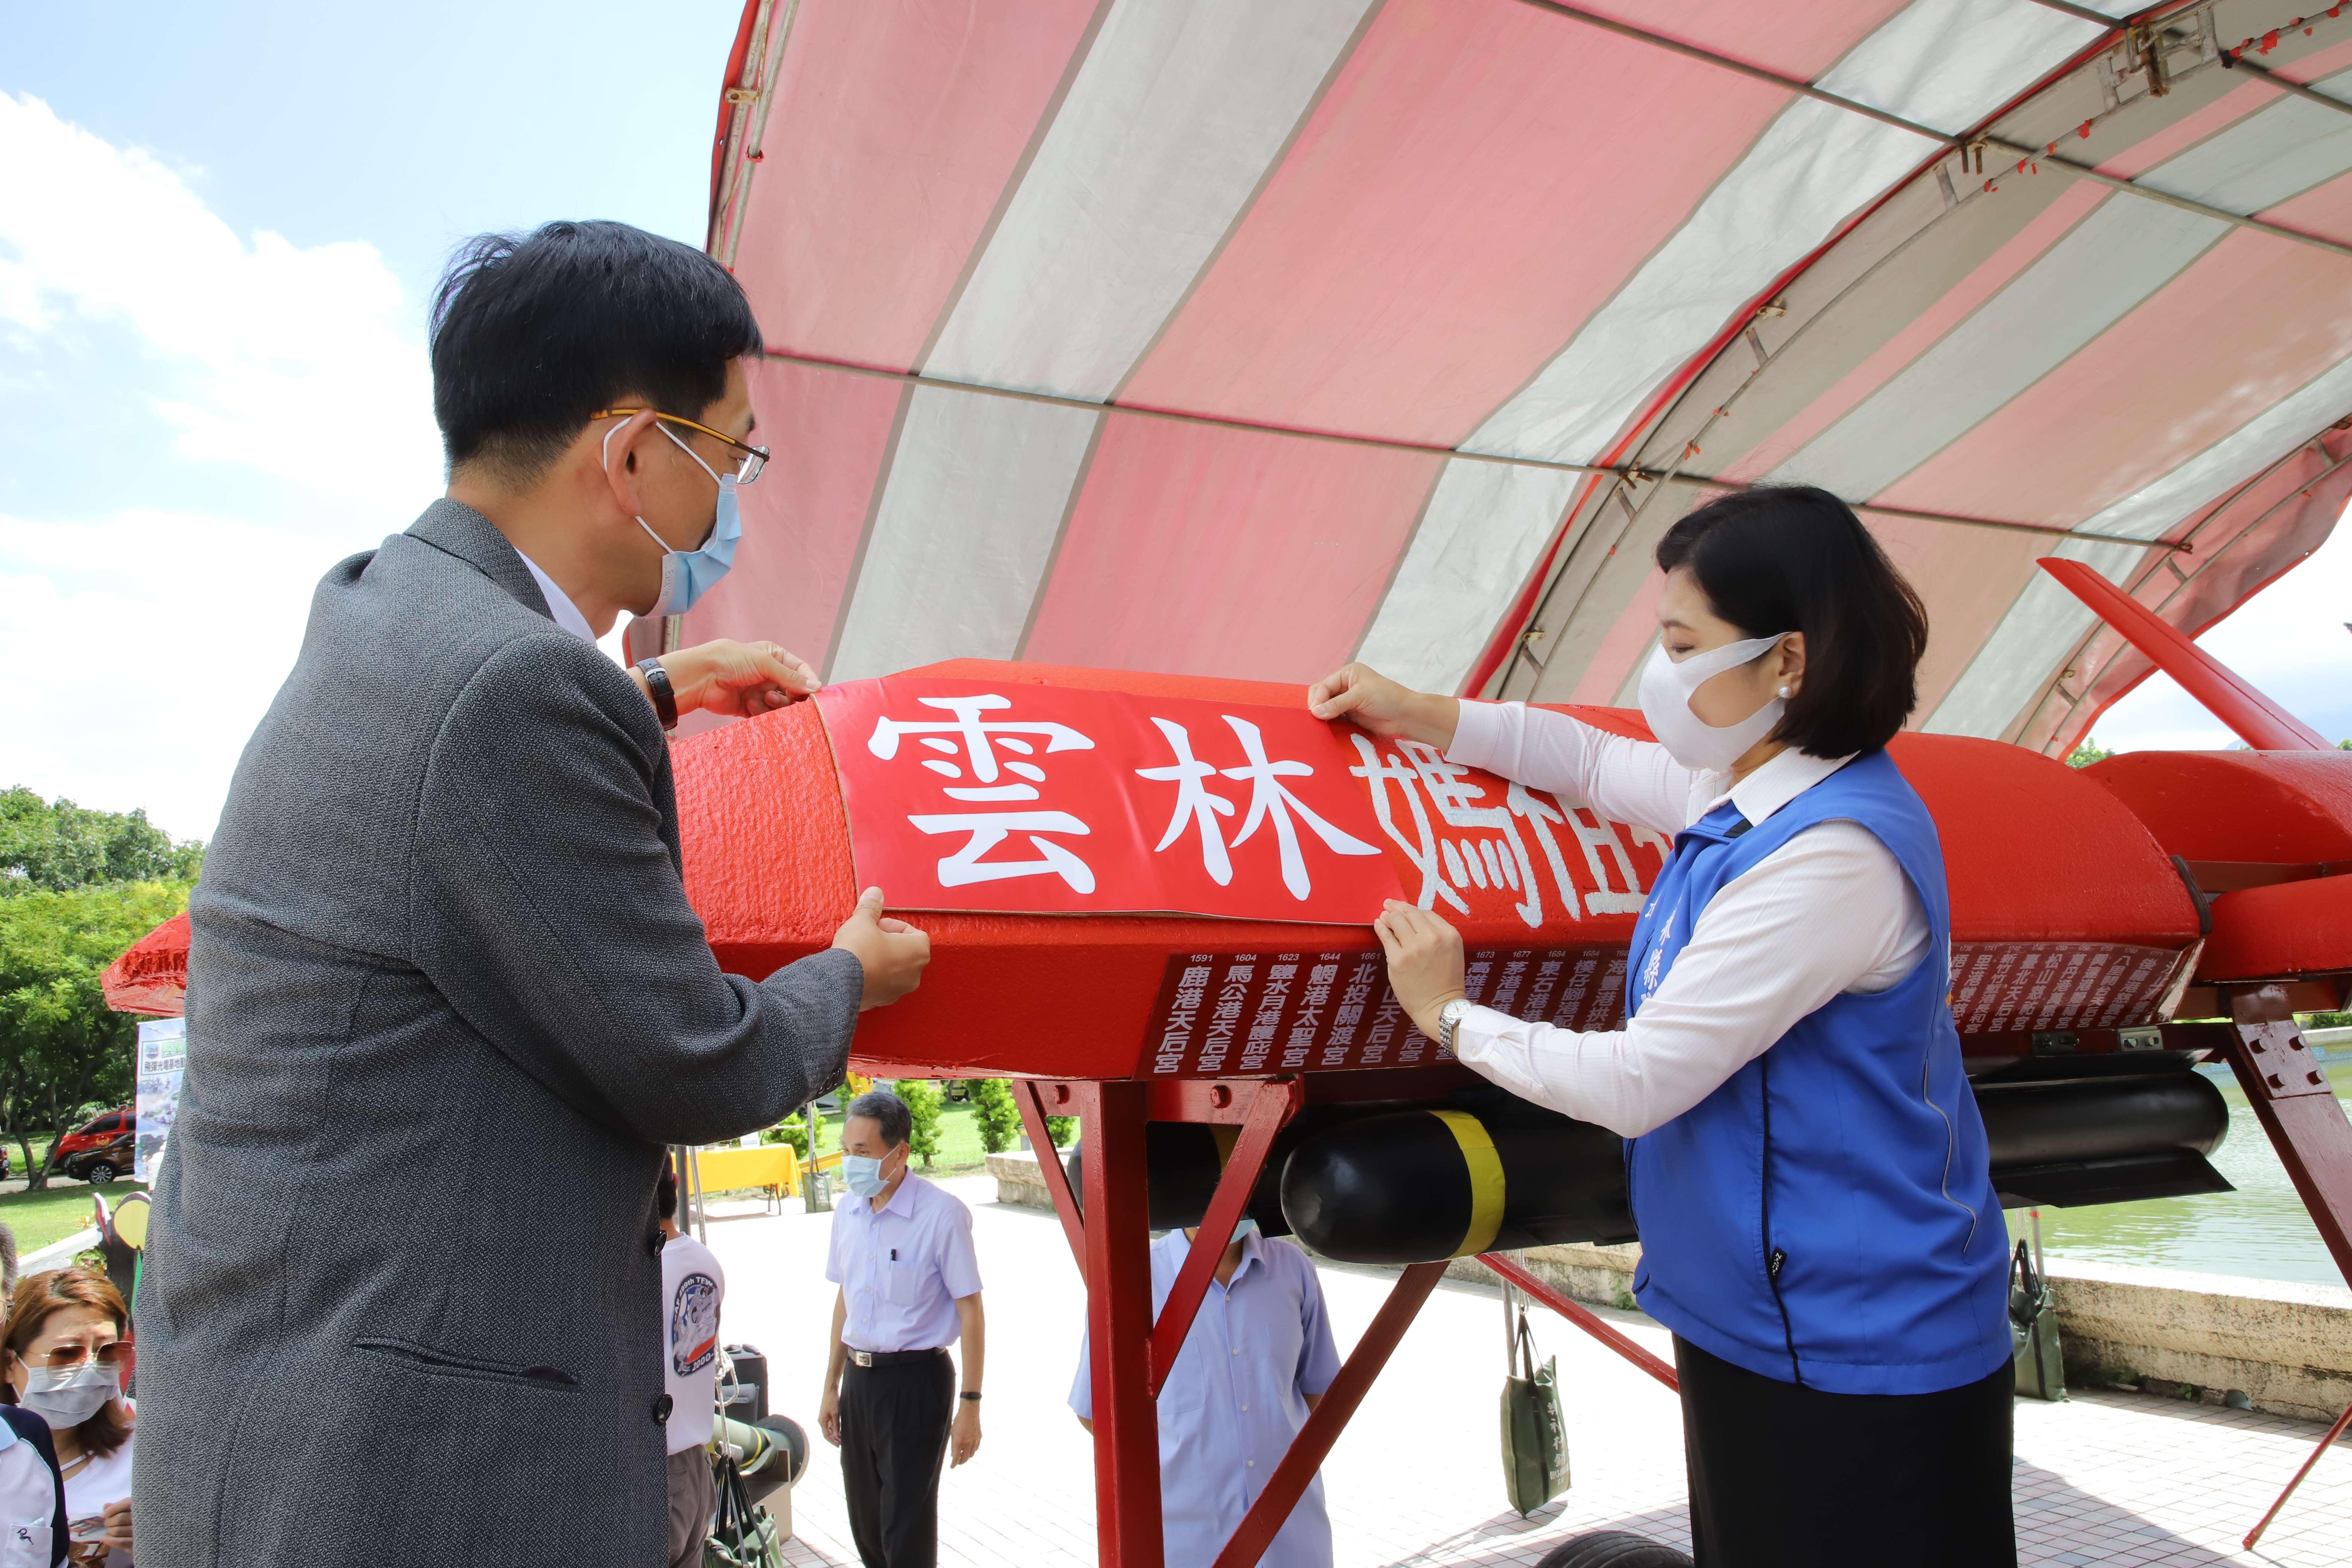 縣長張麗善為首次亮相的超大型長程無人遙控飛機「媽祖號」貼牌,宣告媽祖號即日起正式啟航巡迴全國194座媽祖廟。